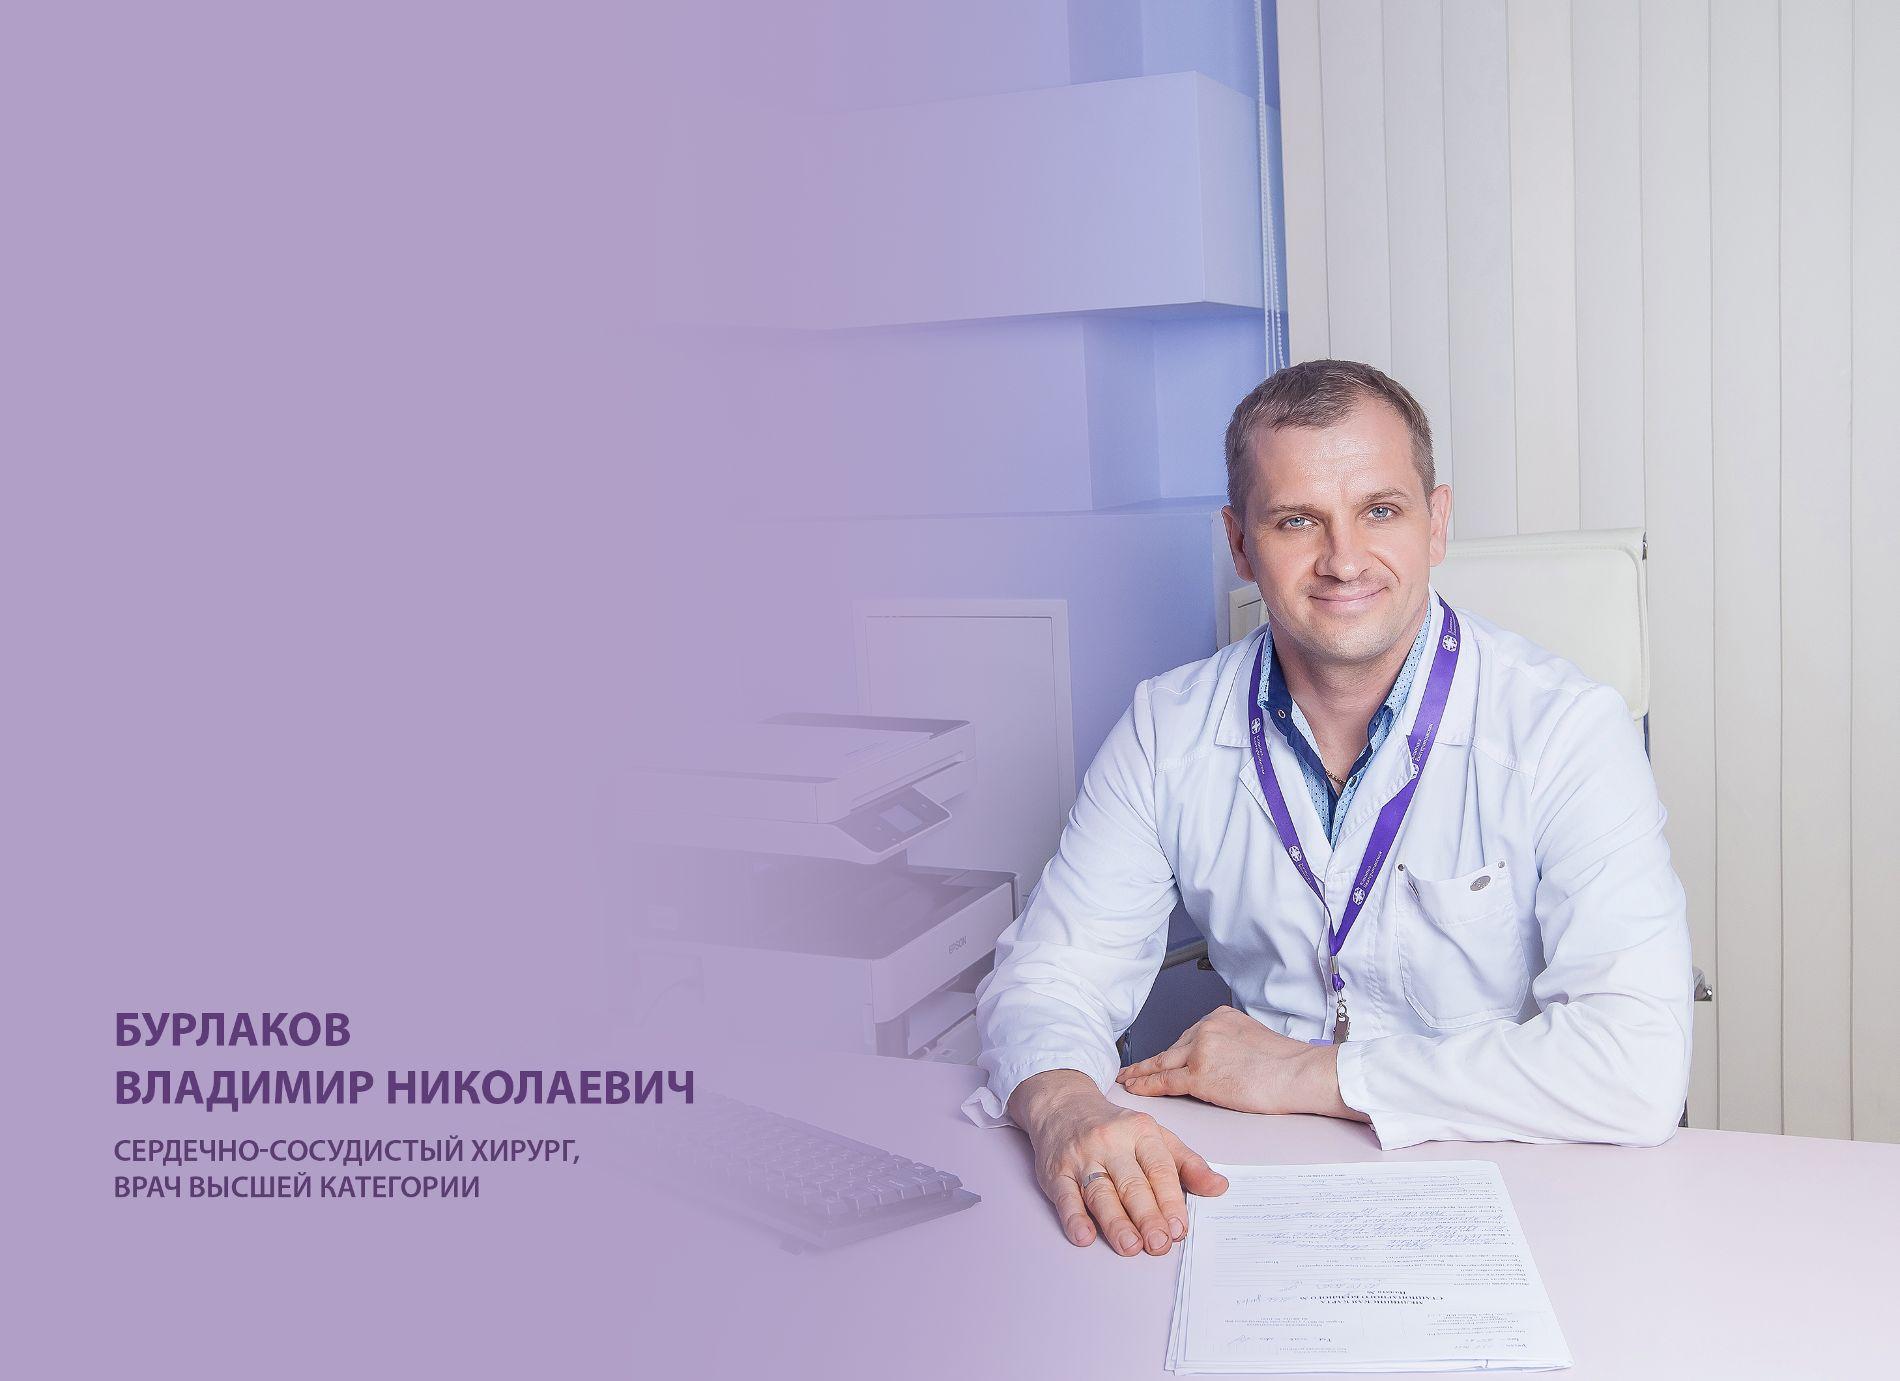 ©Изображение предоставлено Клиникой Екатерининская